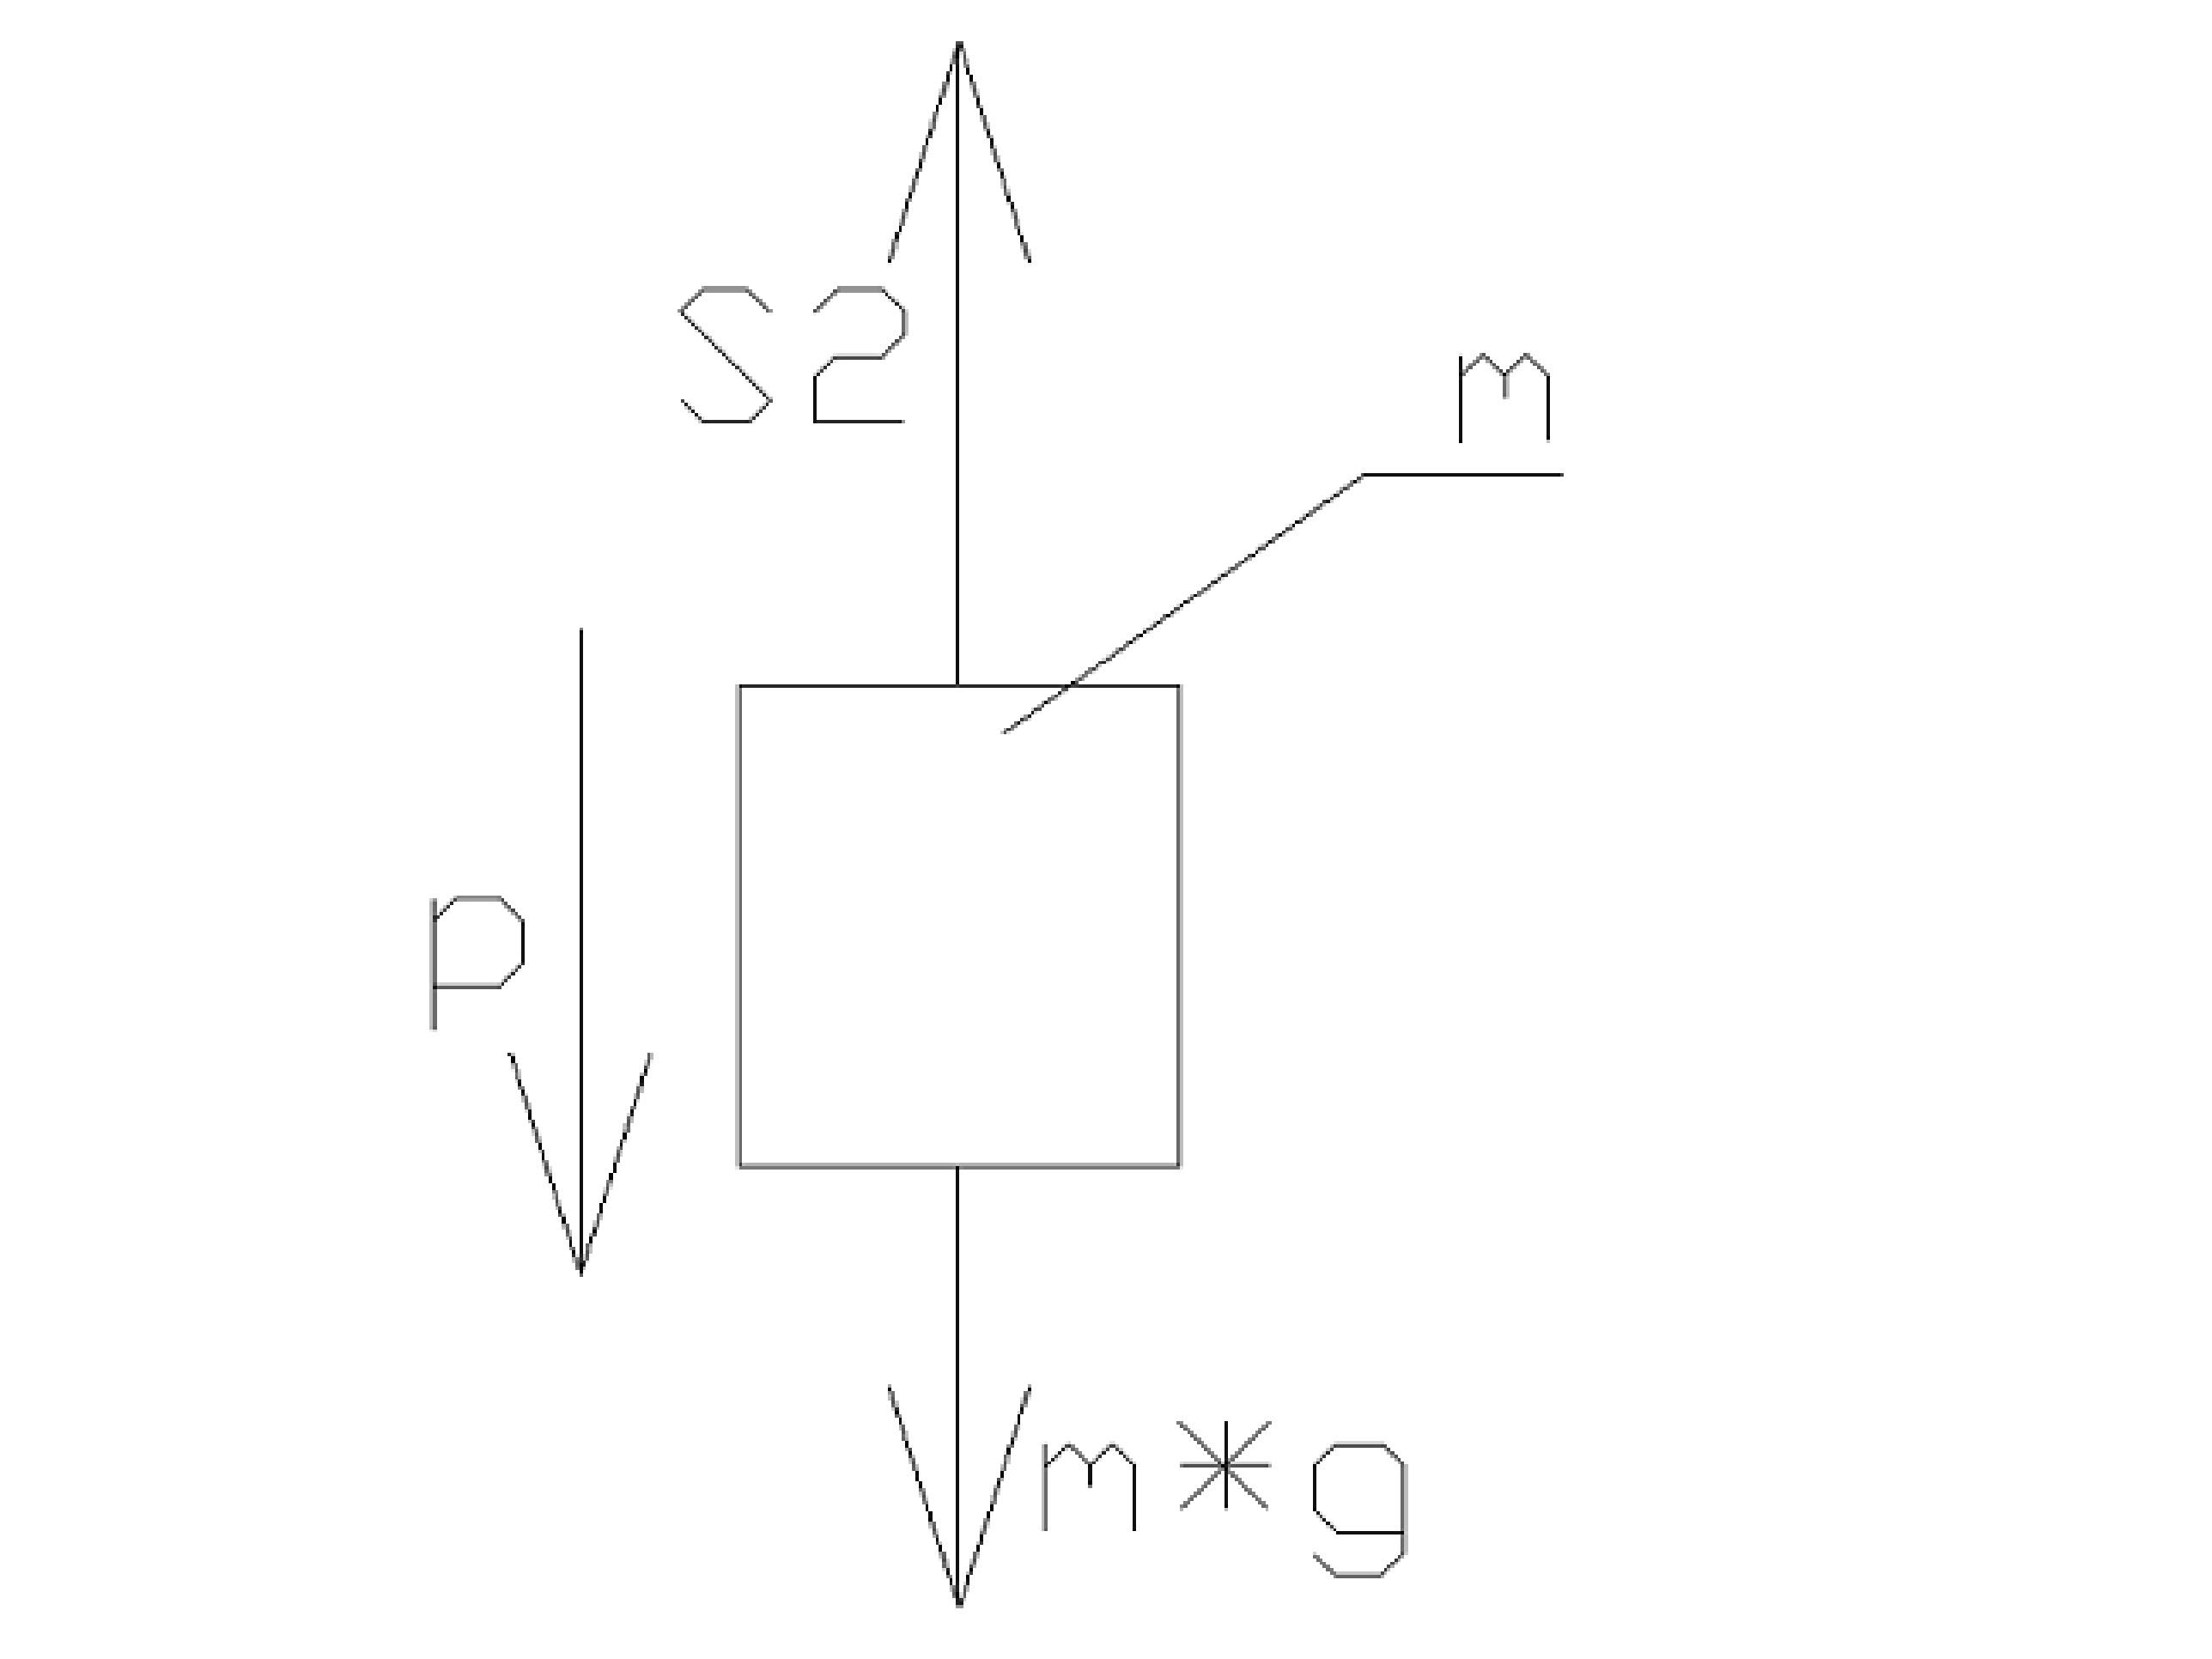 dynamika6 - Przyspieszenia poruszających się mas - zadanie 7